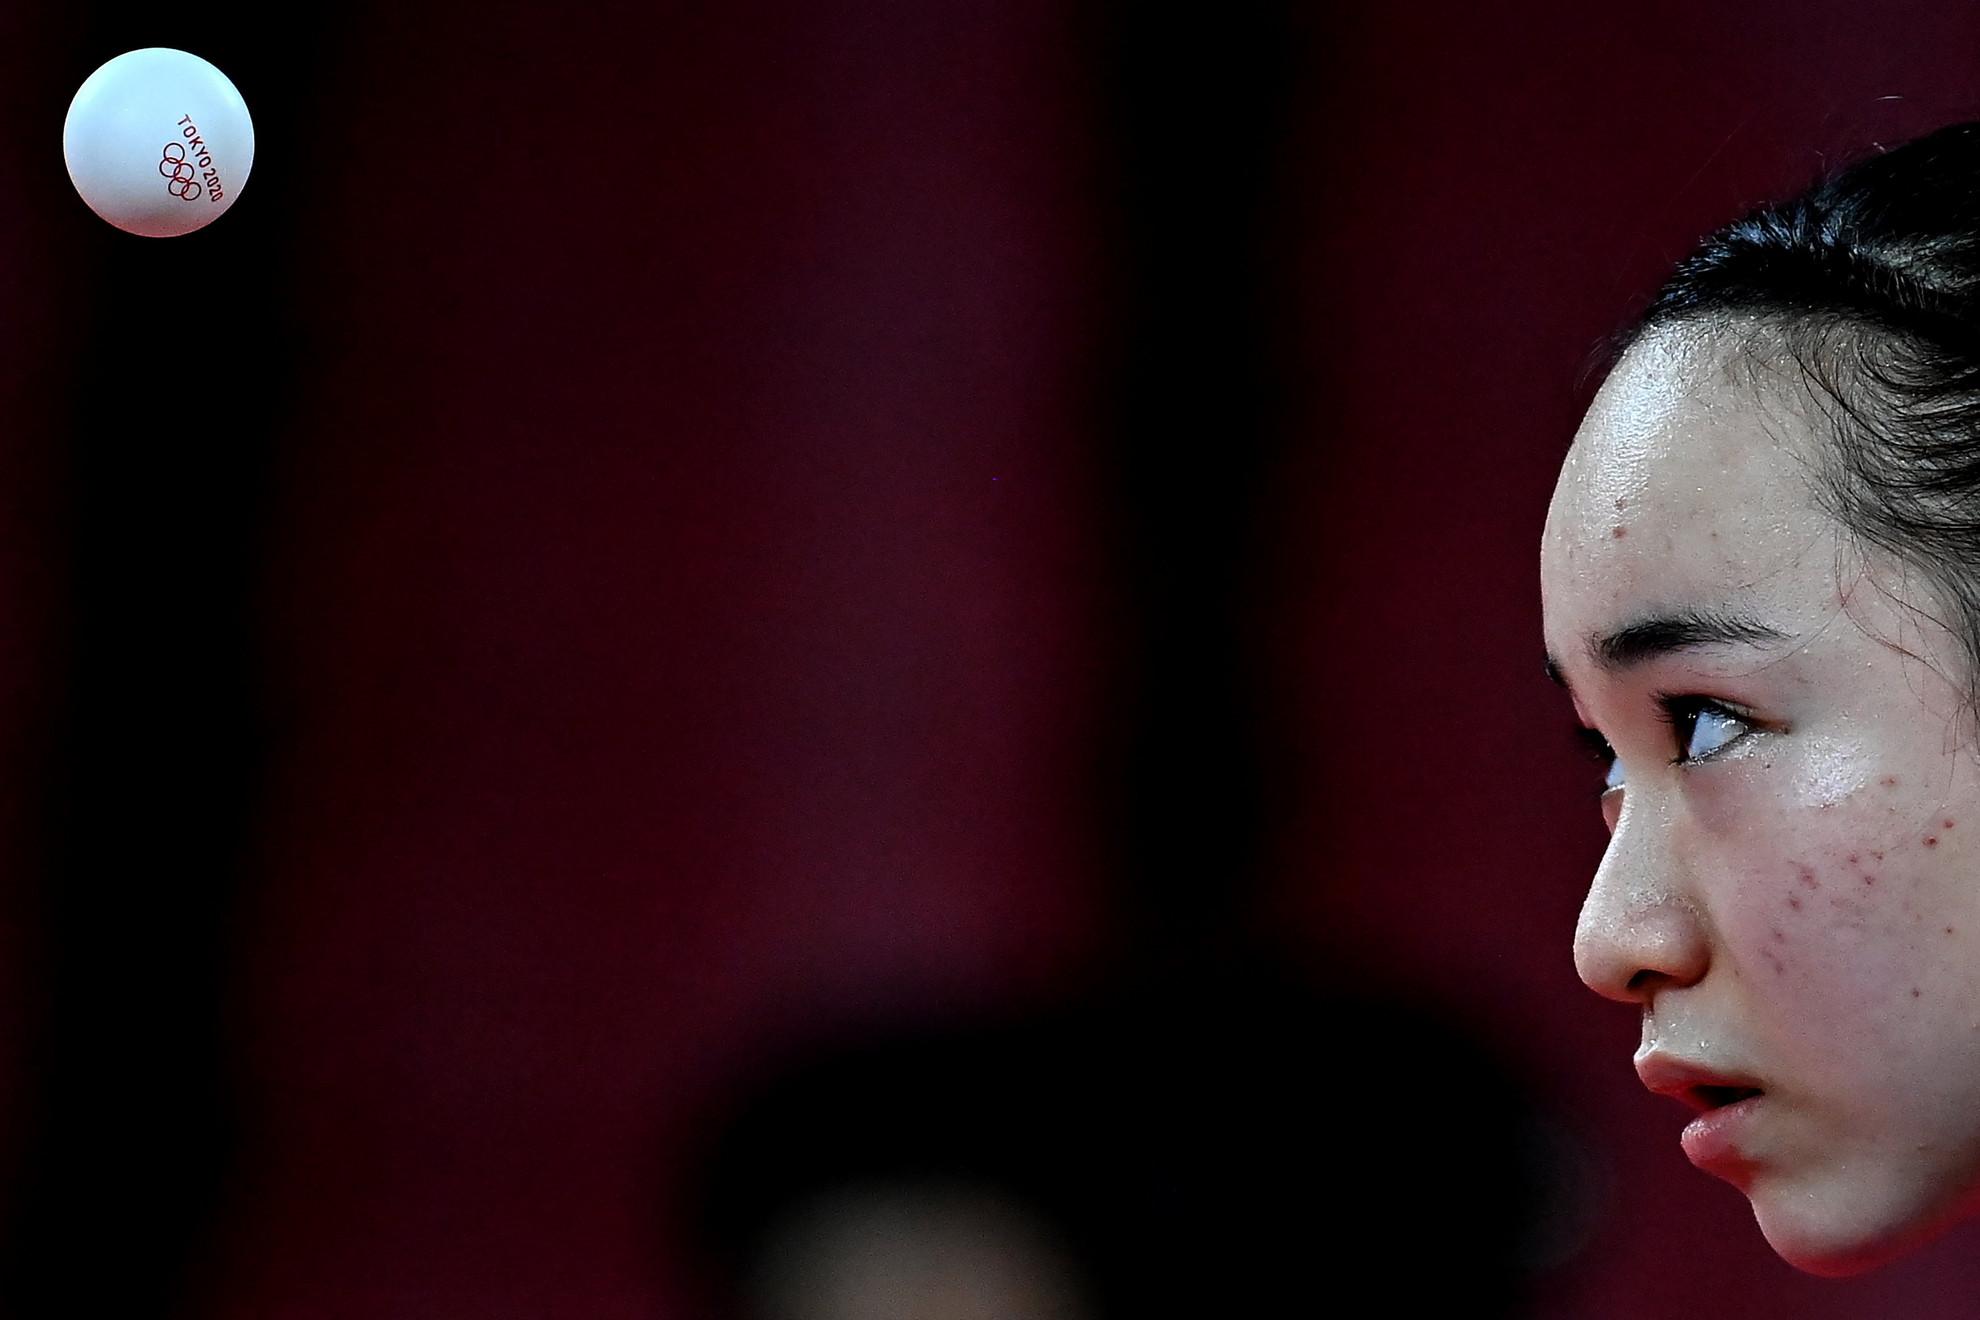 A japán Ito Mima a női asztaliteniszezők nyolcaddöntőjében Madarász Dóra ellen játszott mérkőzésen a világméretű koronavírus-járvány miatt 2021-re halasztott 2020-as tokiói nyári olimpia asztalitenisz-bajnokságon a Fővárosi Sportcsarnokban 2021. július 30-án